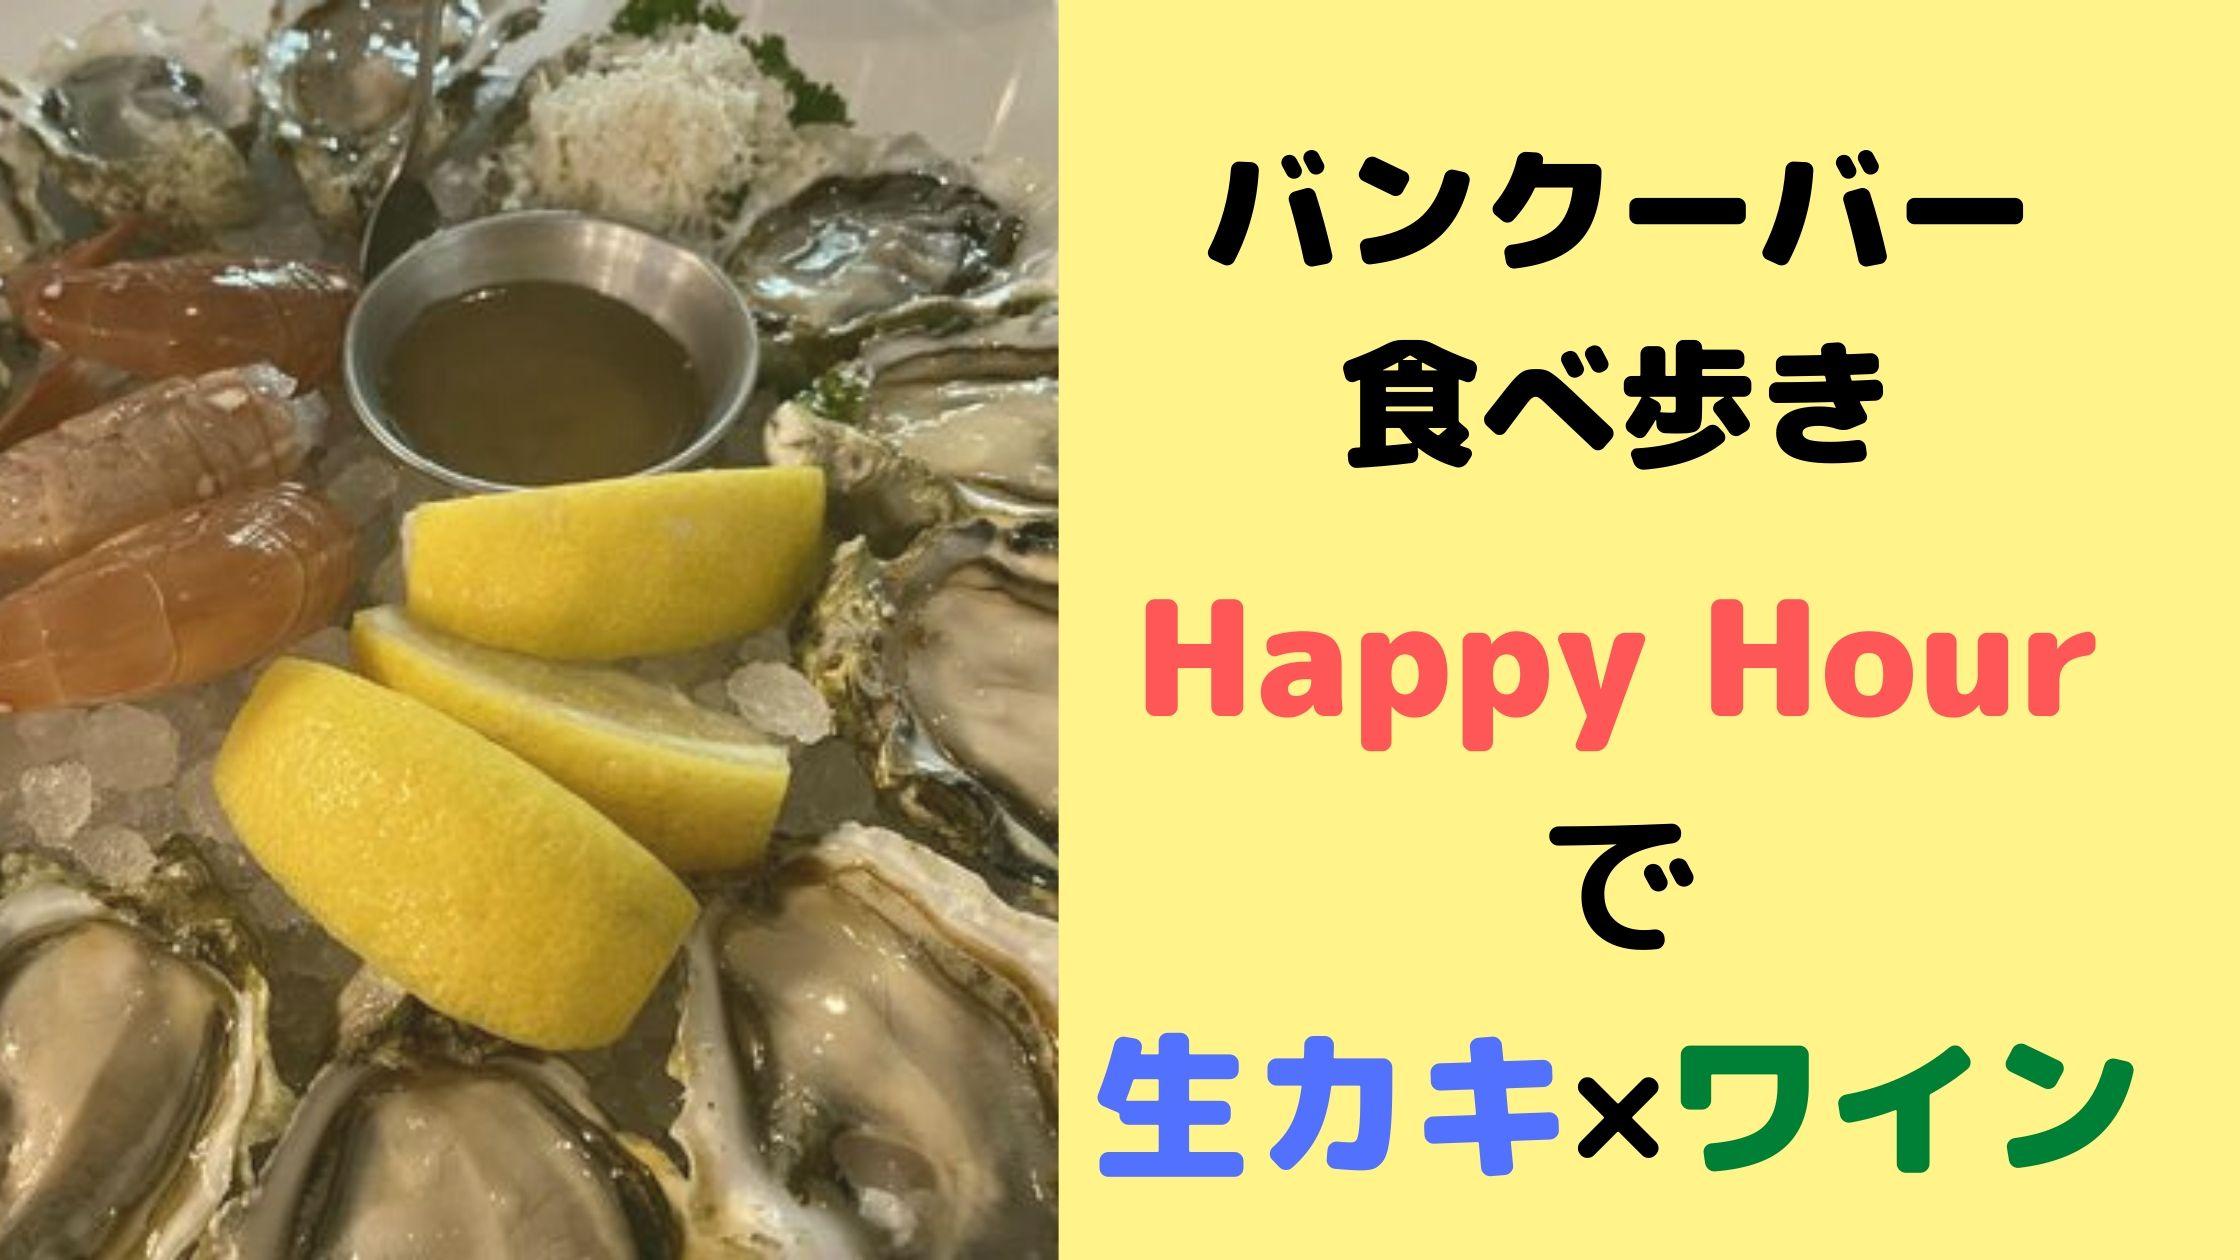 【バンクーバー】 Happy Hourで 生カキ×ワイン